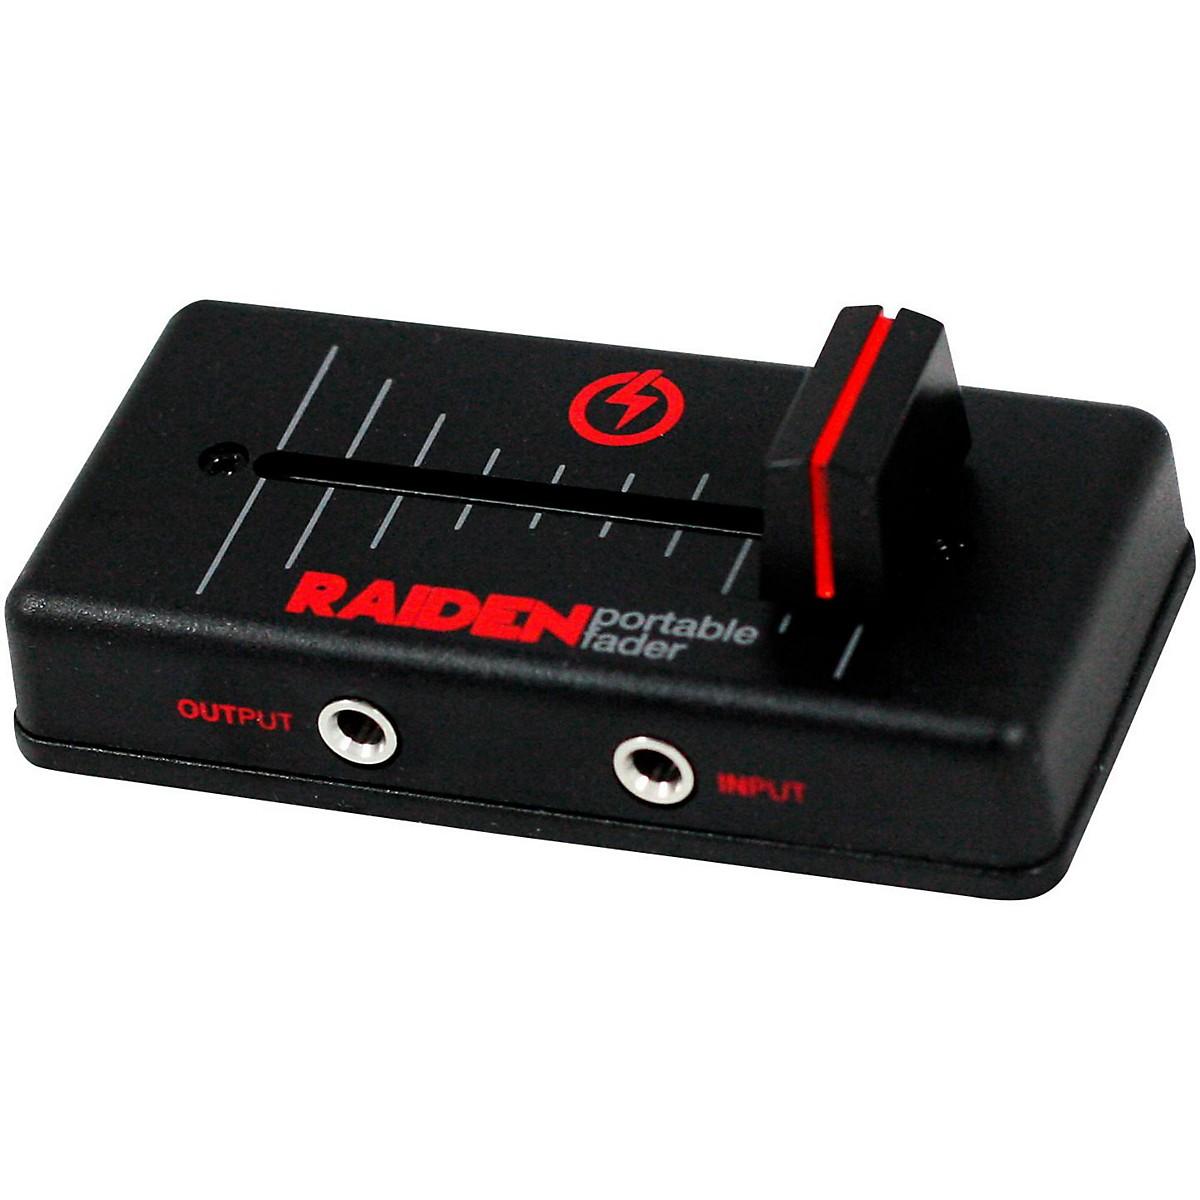 Raiden VVT-MK1 Right Cut Portable Fader - Red/Black